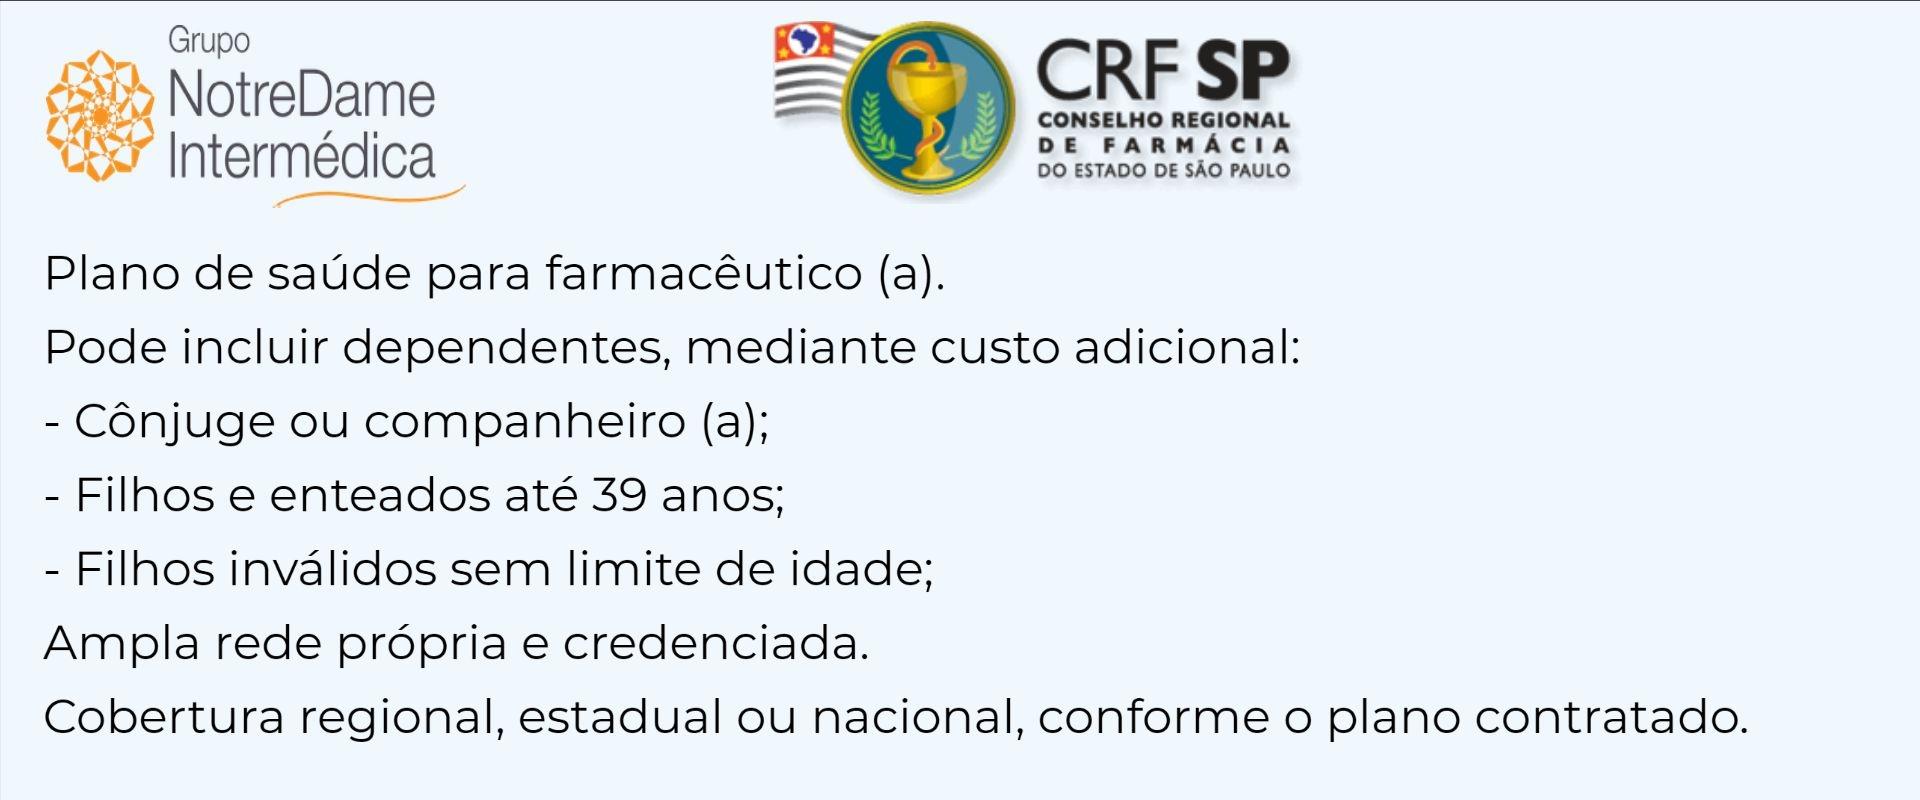 Notredame Intermédica CRF-SP